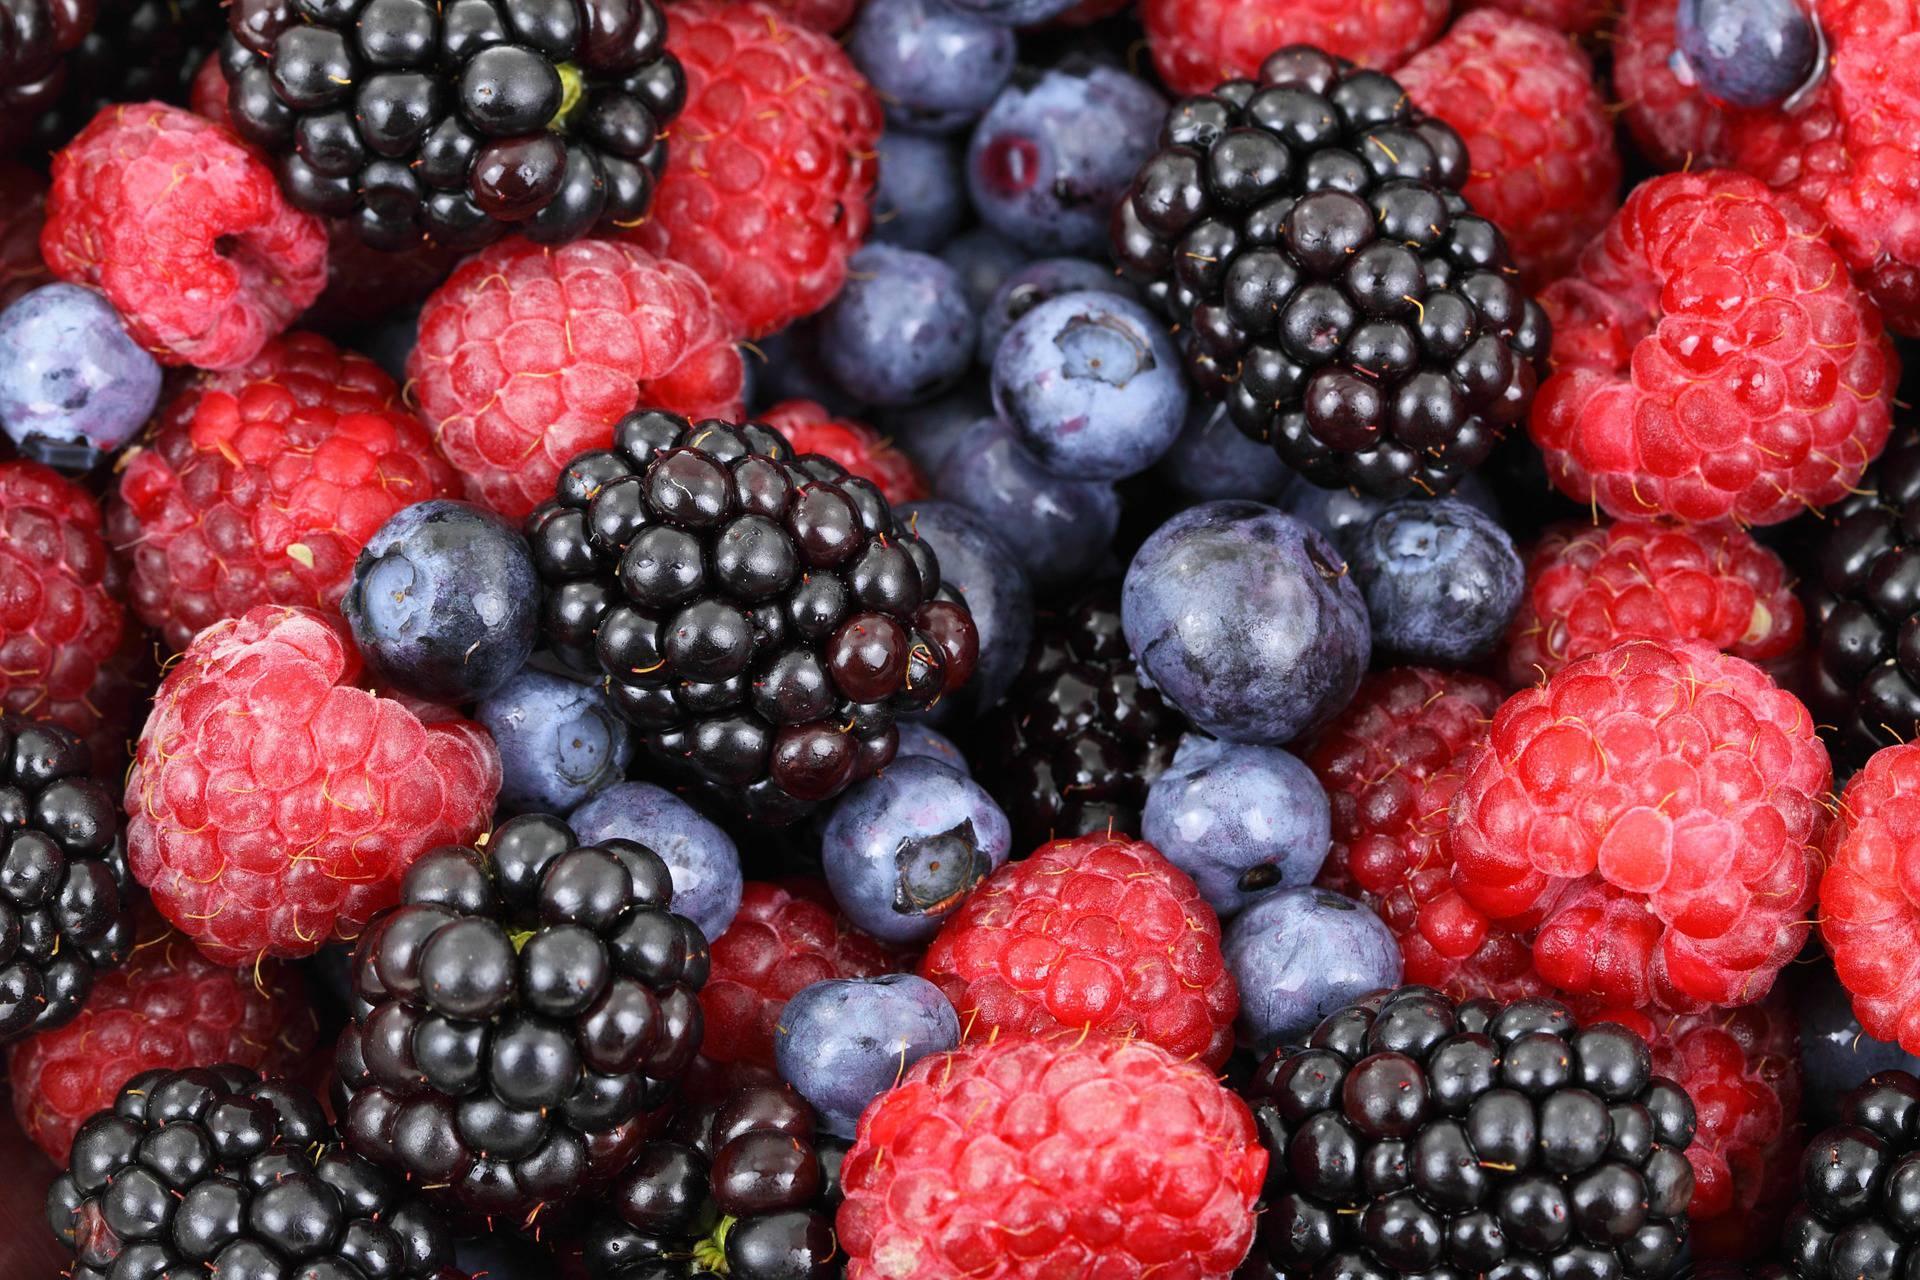 Diabete tipo 2: idee dessert per non aumentare i livelli di zucchero